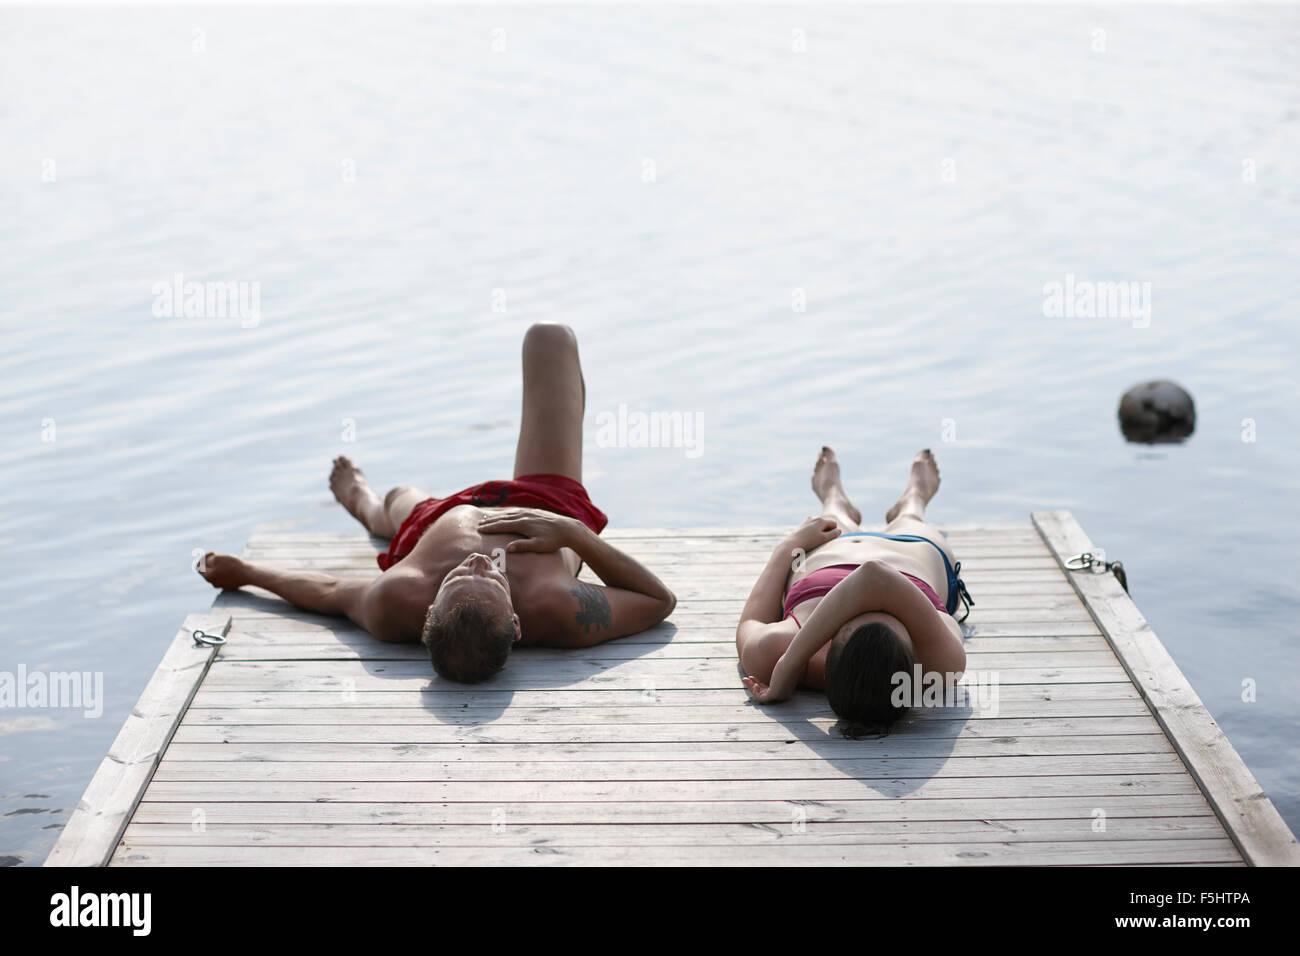 La Svezia, Dalarna, Siljan, l uomo e la donna sdraiata sul molo Immagini Stock